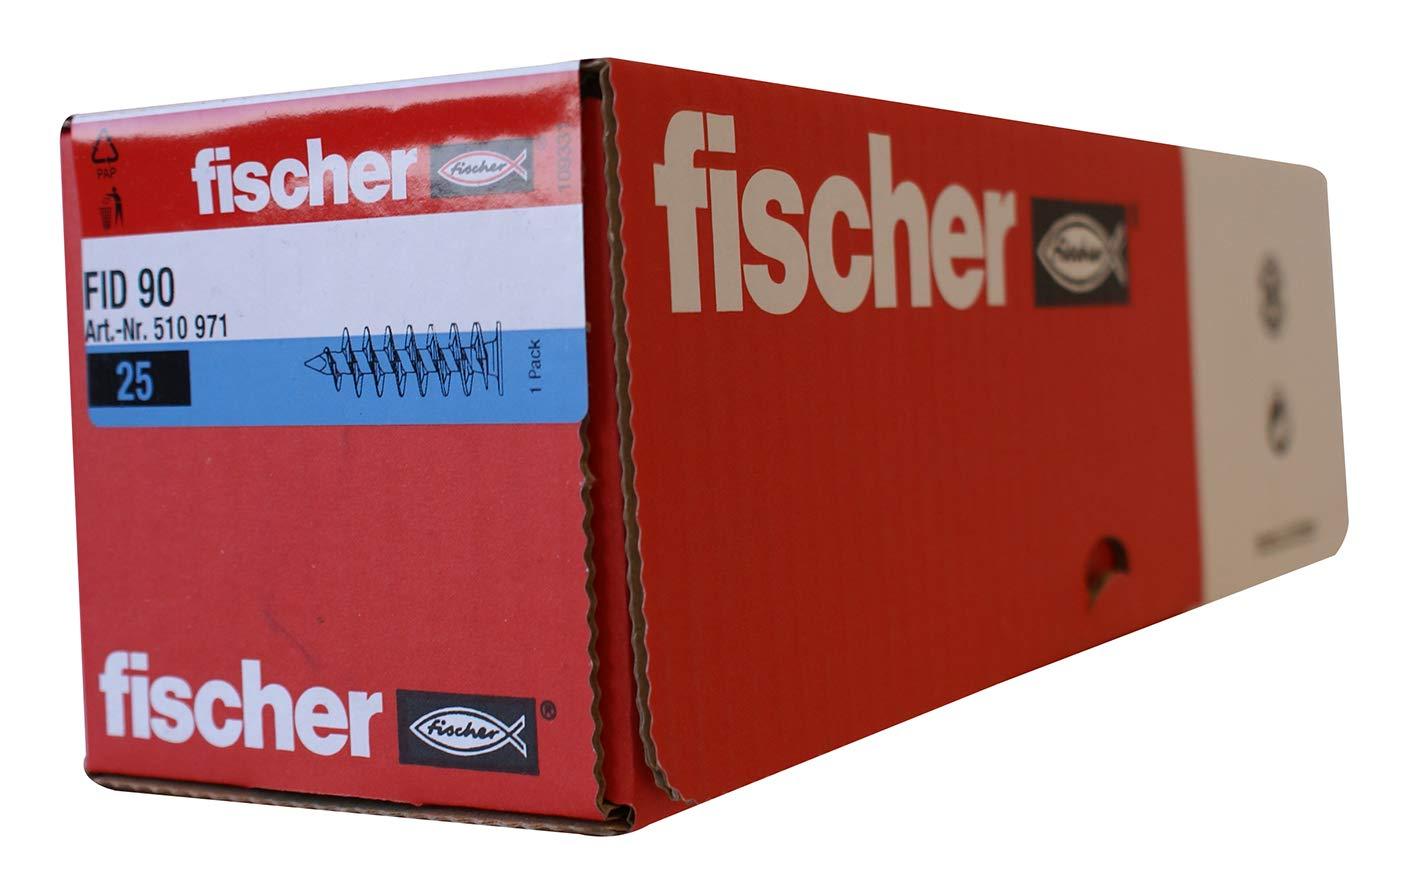 Fisher 48213 FID 50 - Rosca de fijació n aislante, pack de 50 unidades Fischer 48213*50